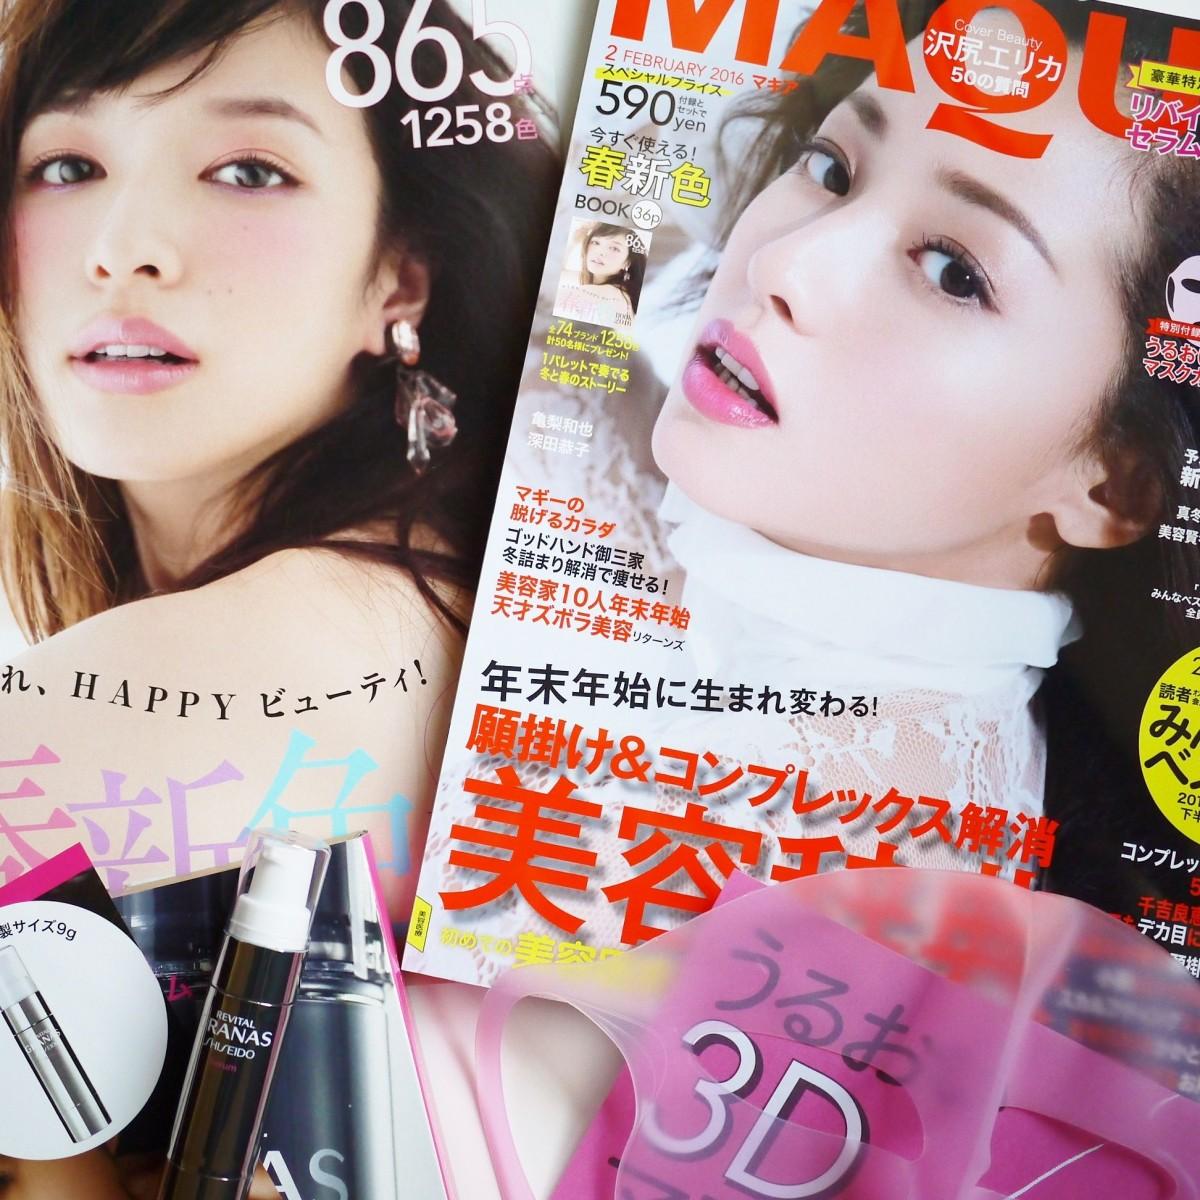 【売切れ注意】MAQUIA2月号がガチでお得すぎ!!